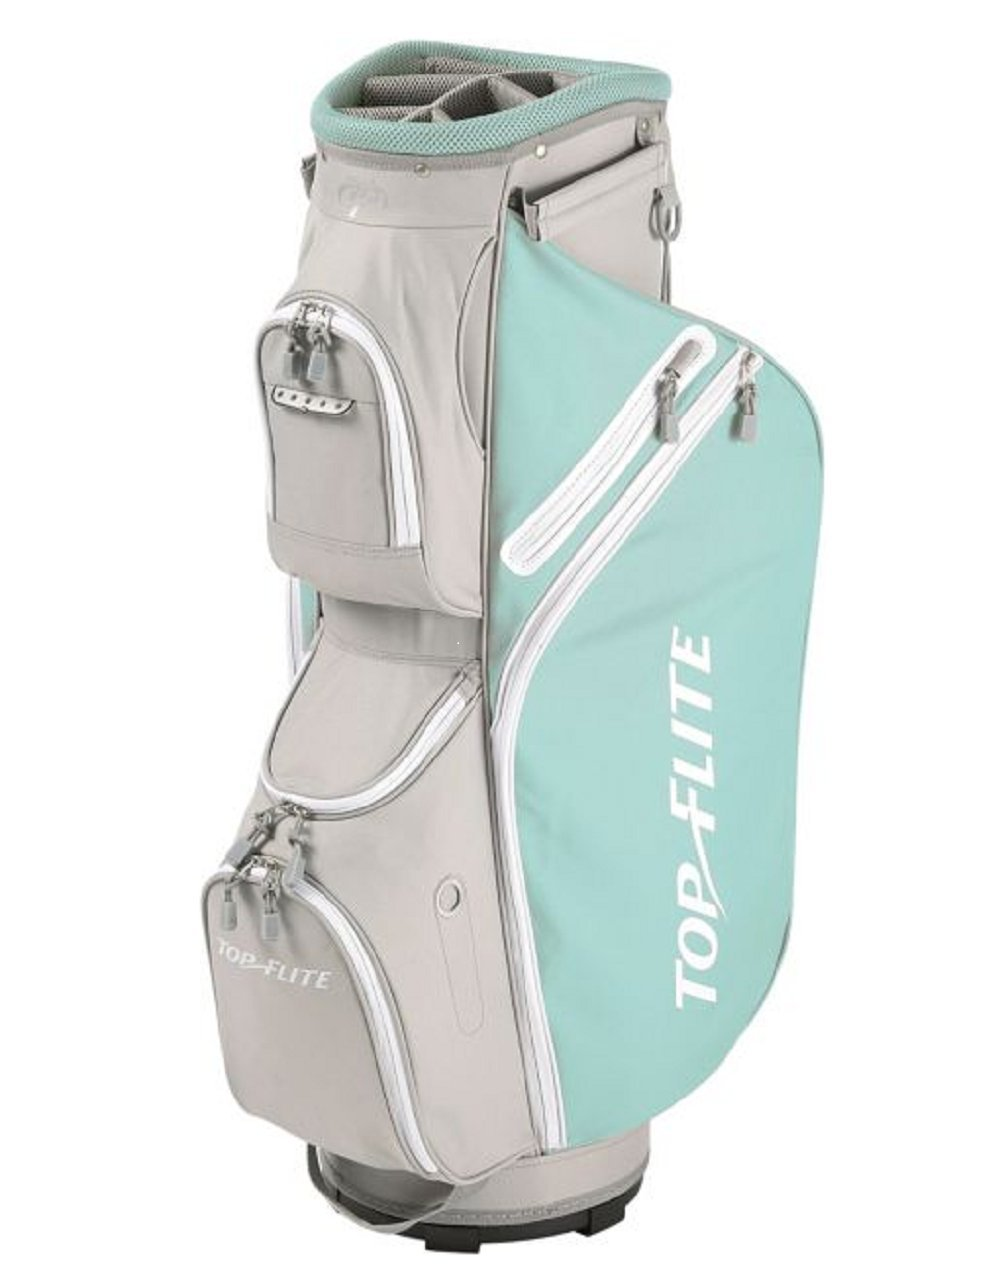 Top Flite Women's 2018 Lightweight Cart Golf Bag Mint Gray by Top Flight